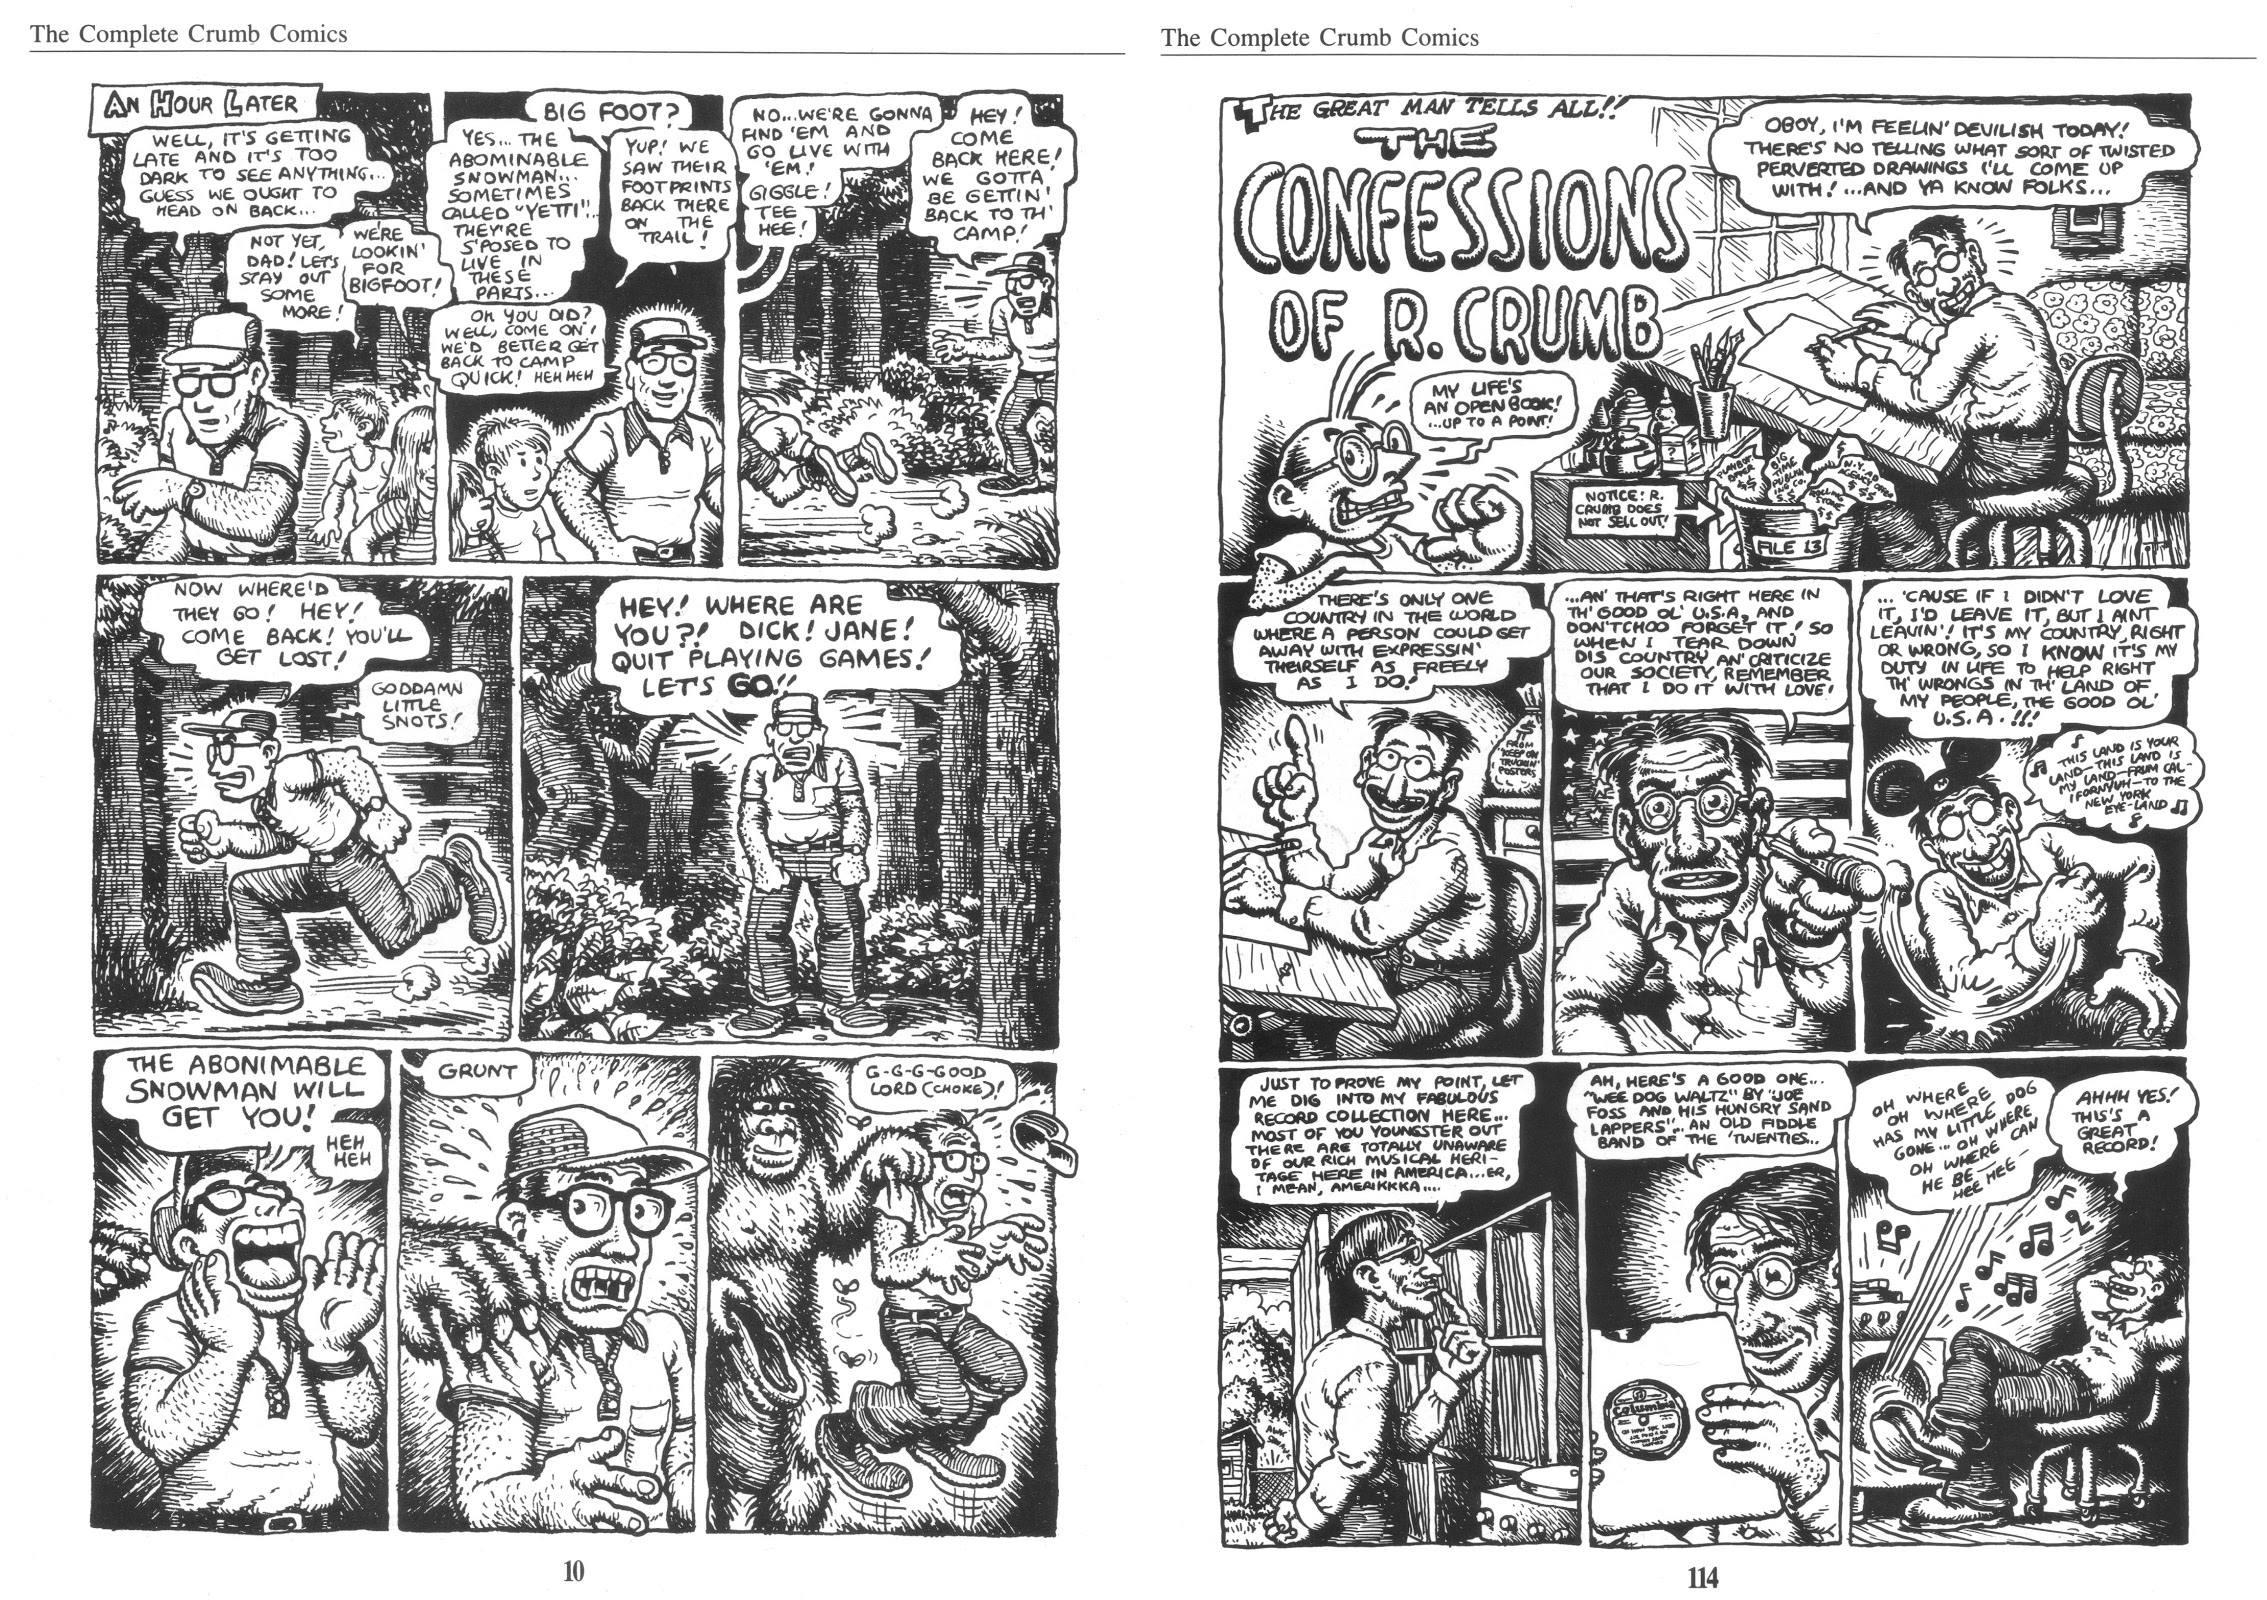 Complete Crumb Comics Vol 8 review